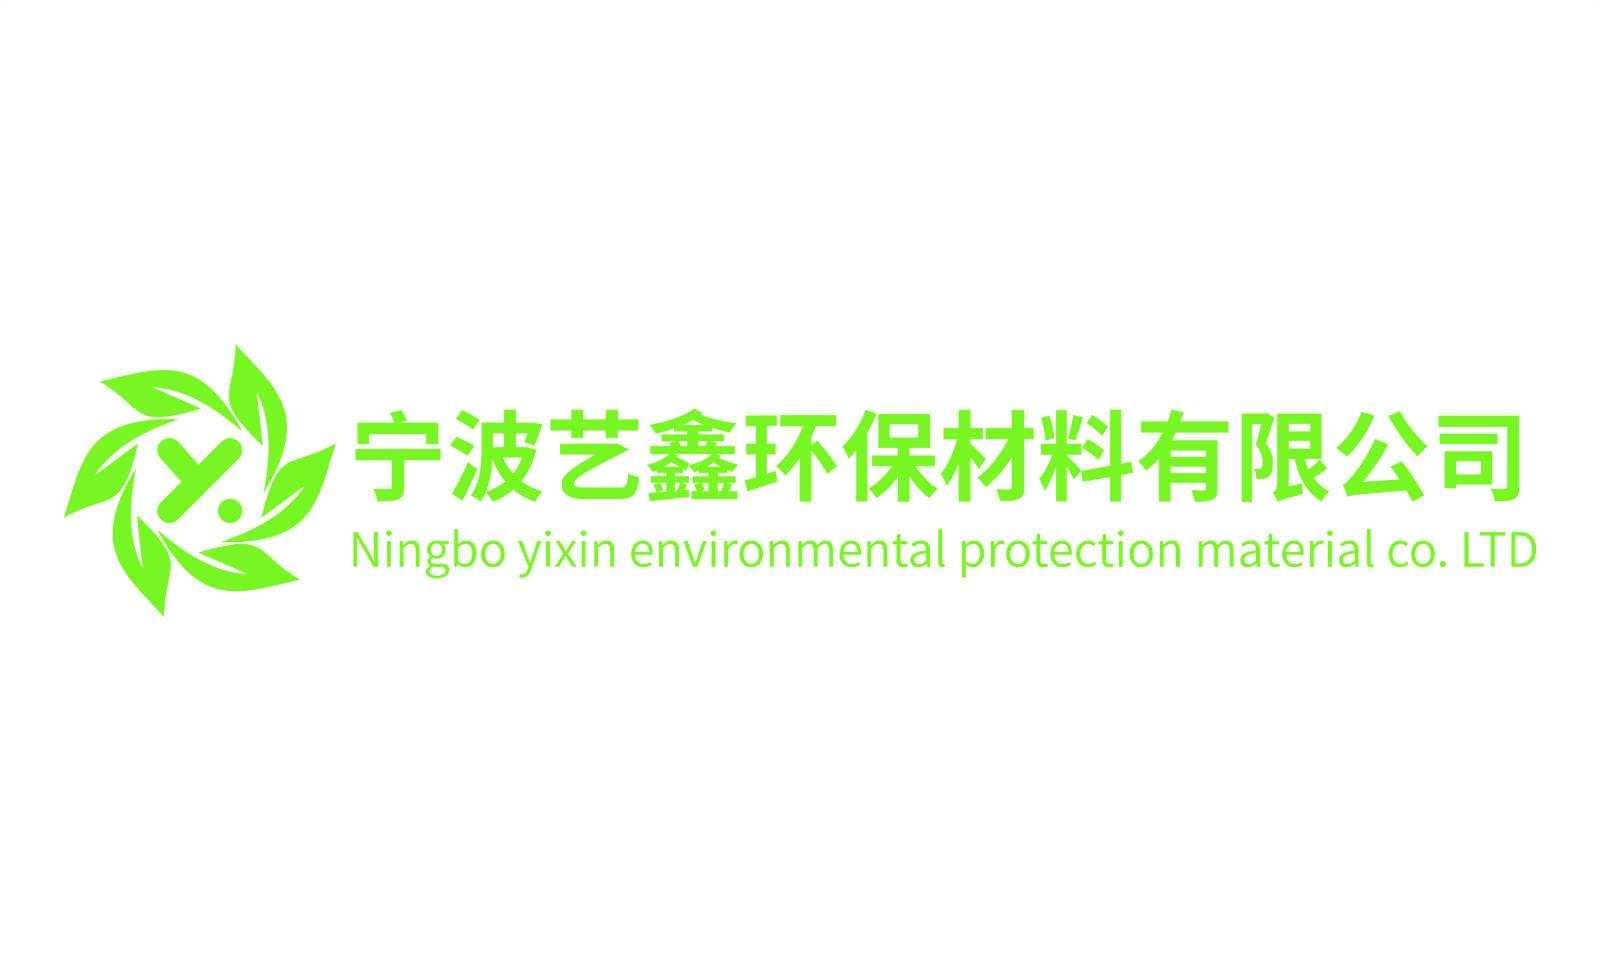 宁波艺鑫环保材料有限公司